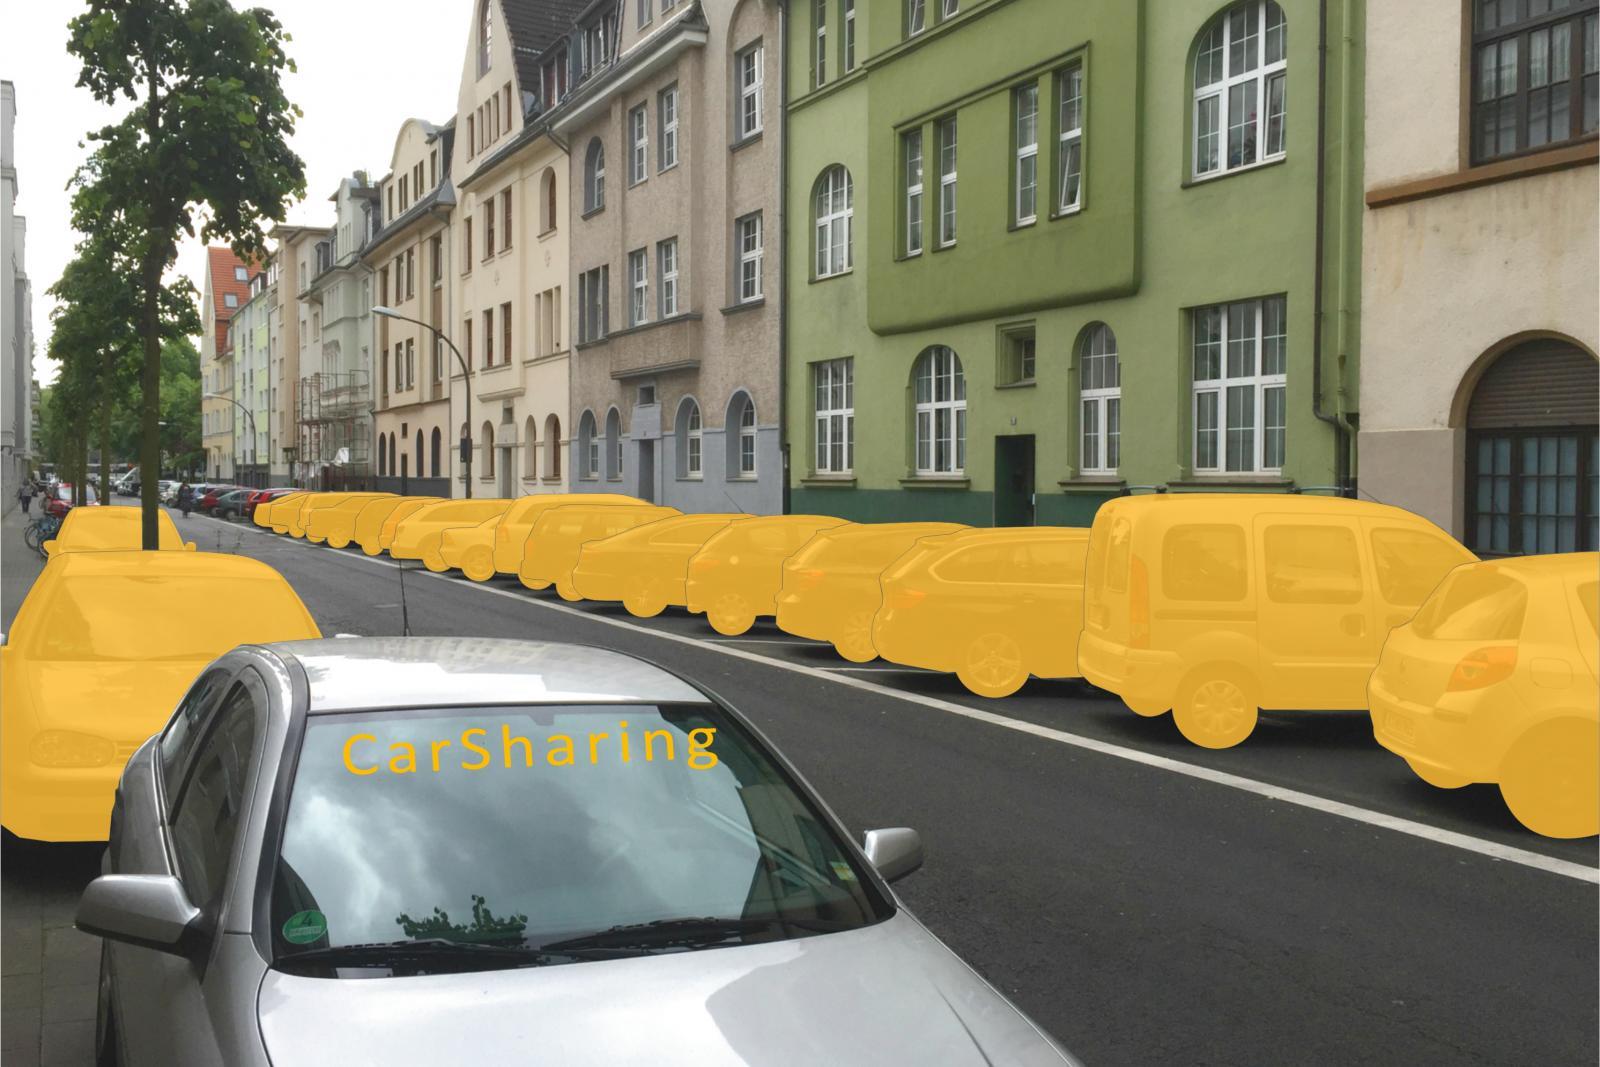 Beispiel Köln-Sülz: Ein CarSharing-Fahrzeug ersetzt hier 19 private Pkw (Bild: bcs)